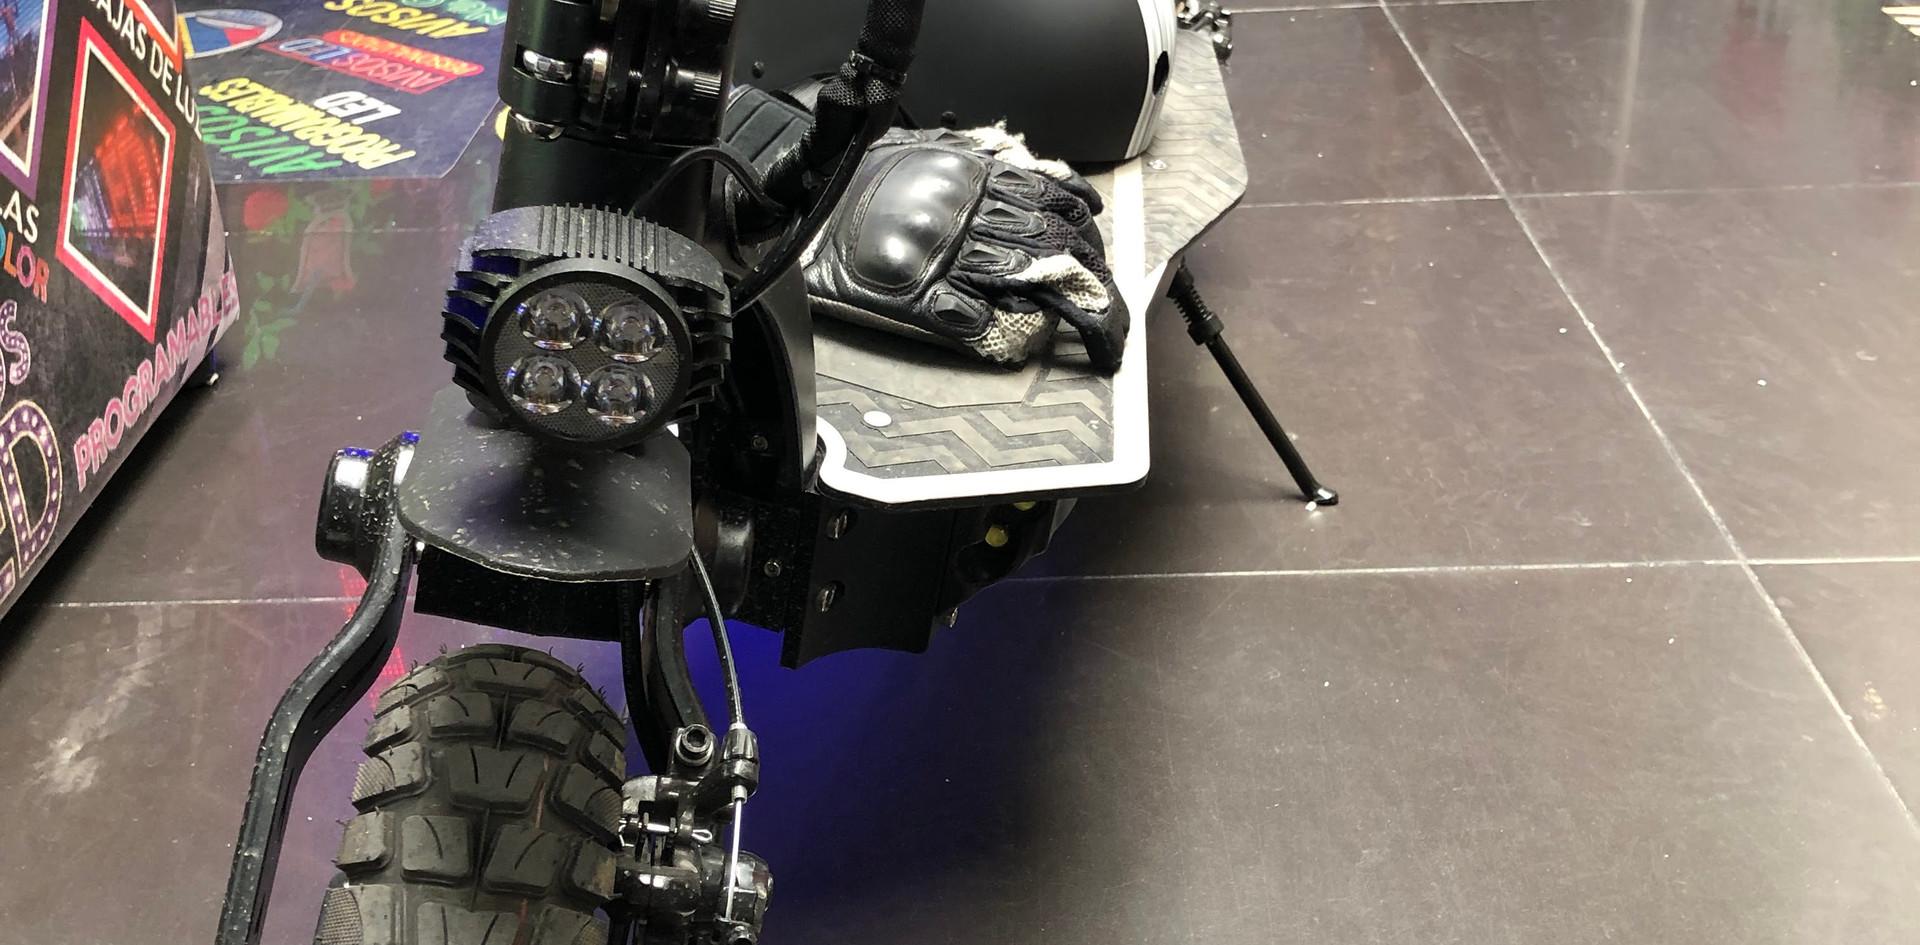 Scooter eléctrica S4 - Ingresa a nuestra tienda